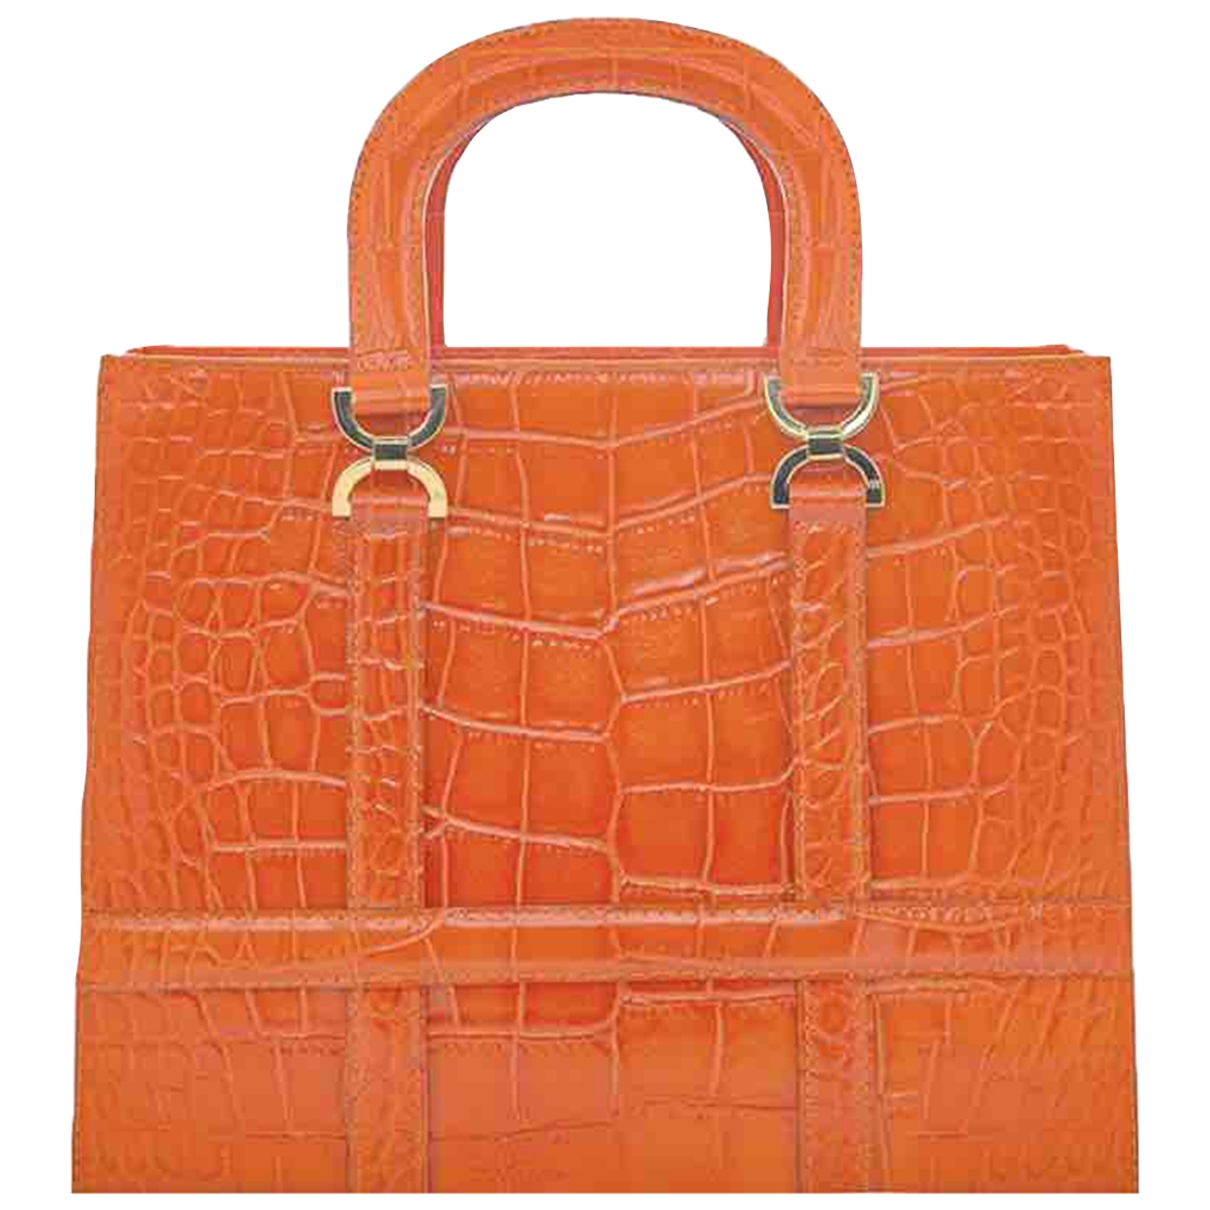 Georges - Sac a main   pour femme en cuir - orange